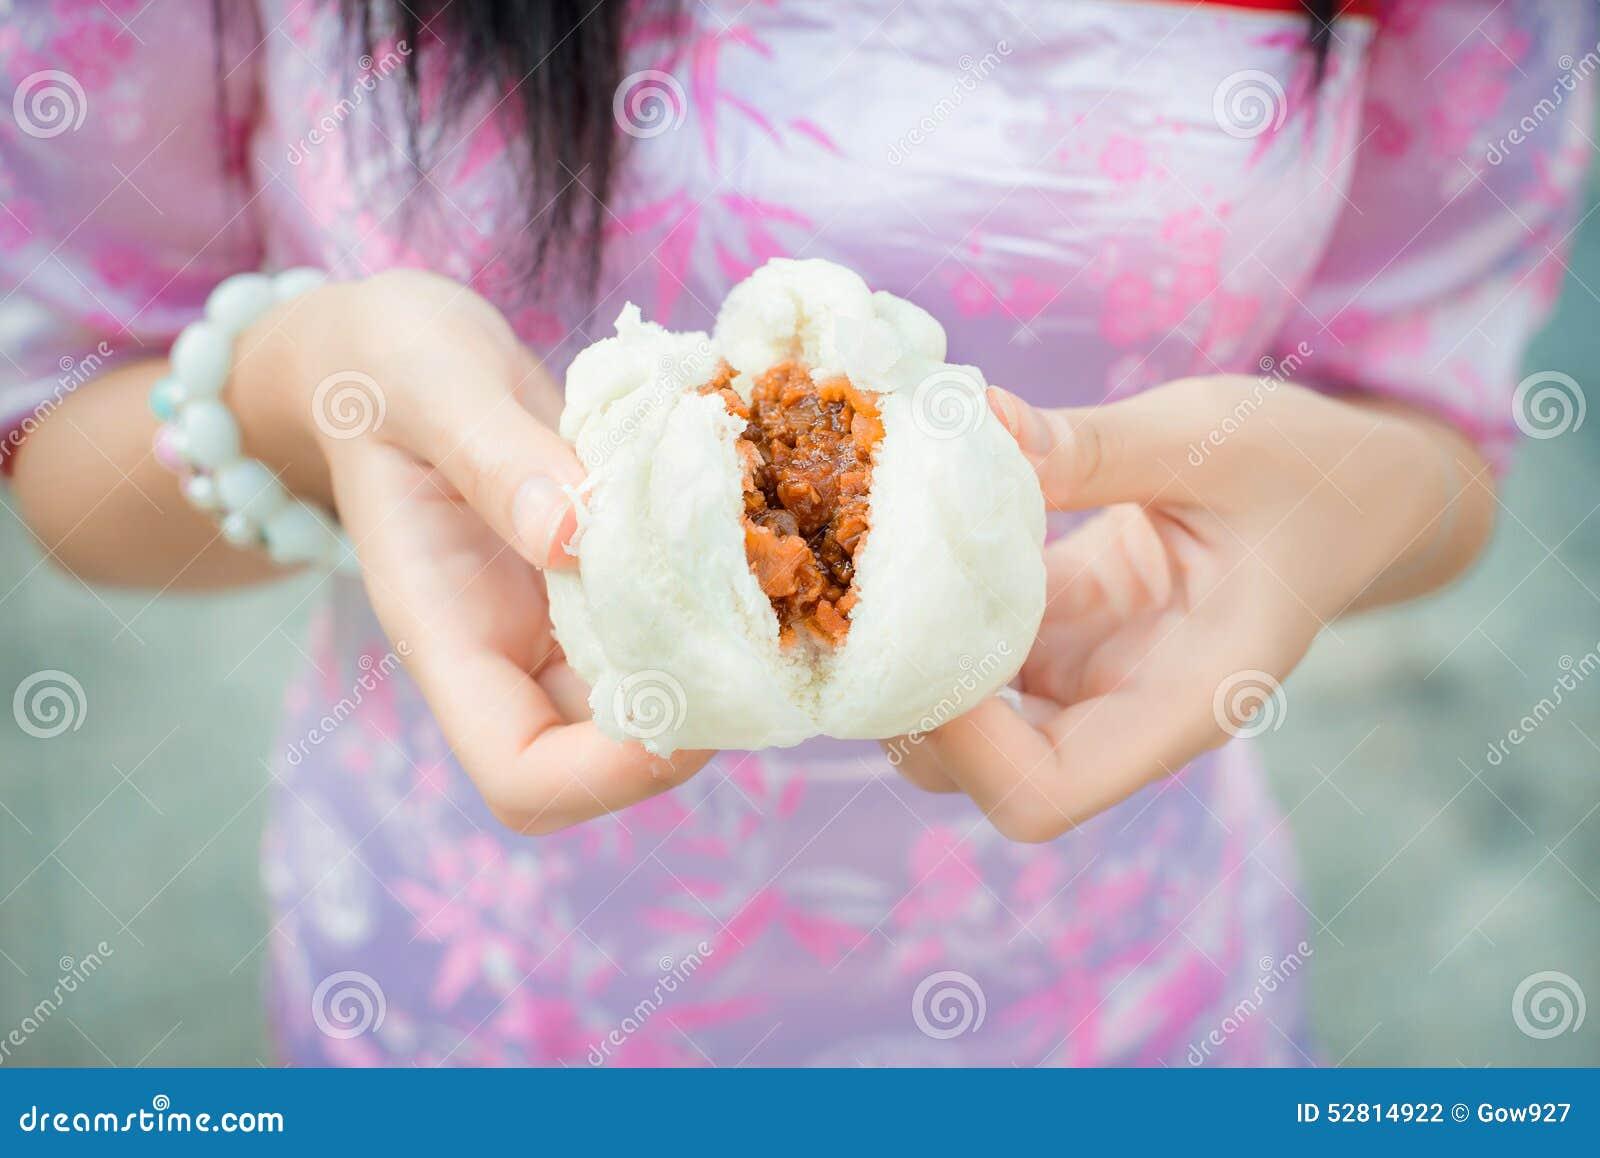 La ragazza cinese nel cheongsam sta strappando il panino cotto a vapore della roba steamed